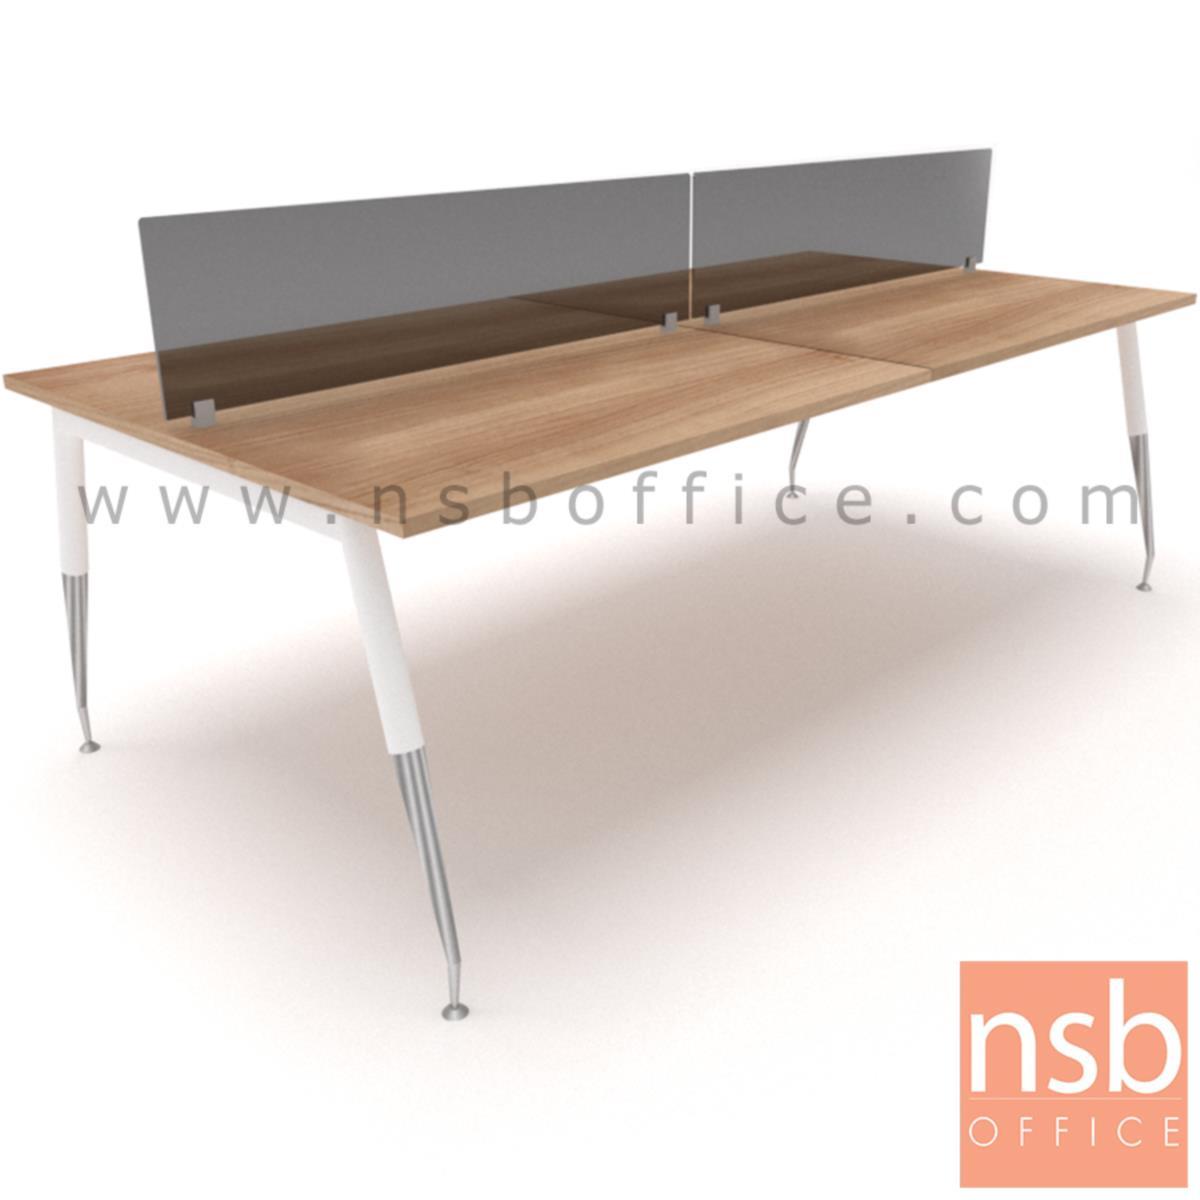 A27A025:ชุดโต๊ะทำงานกลุ่ม  รุ่น Petula (เพทูลา) 2 ,4  ที่นั่ง  พร้อมแผ่น miniscreen ขาเหล็กปลายเรียว